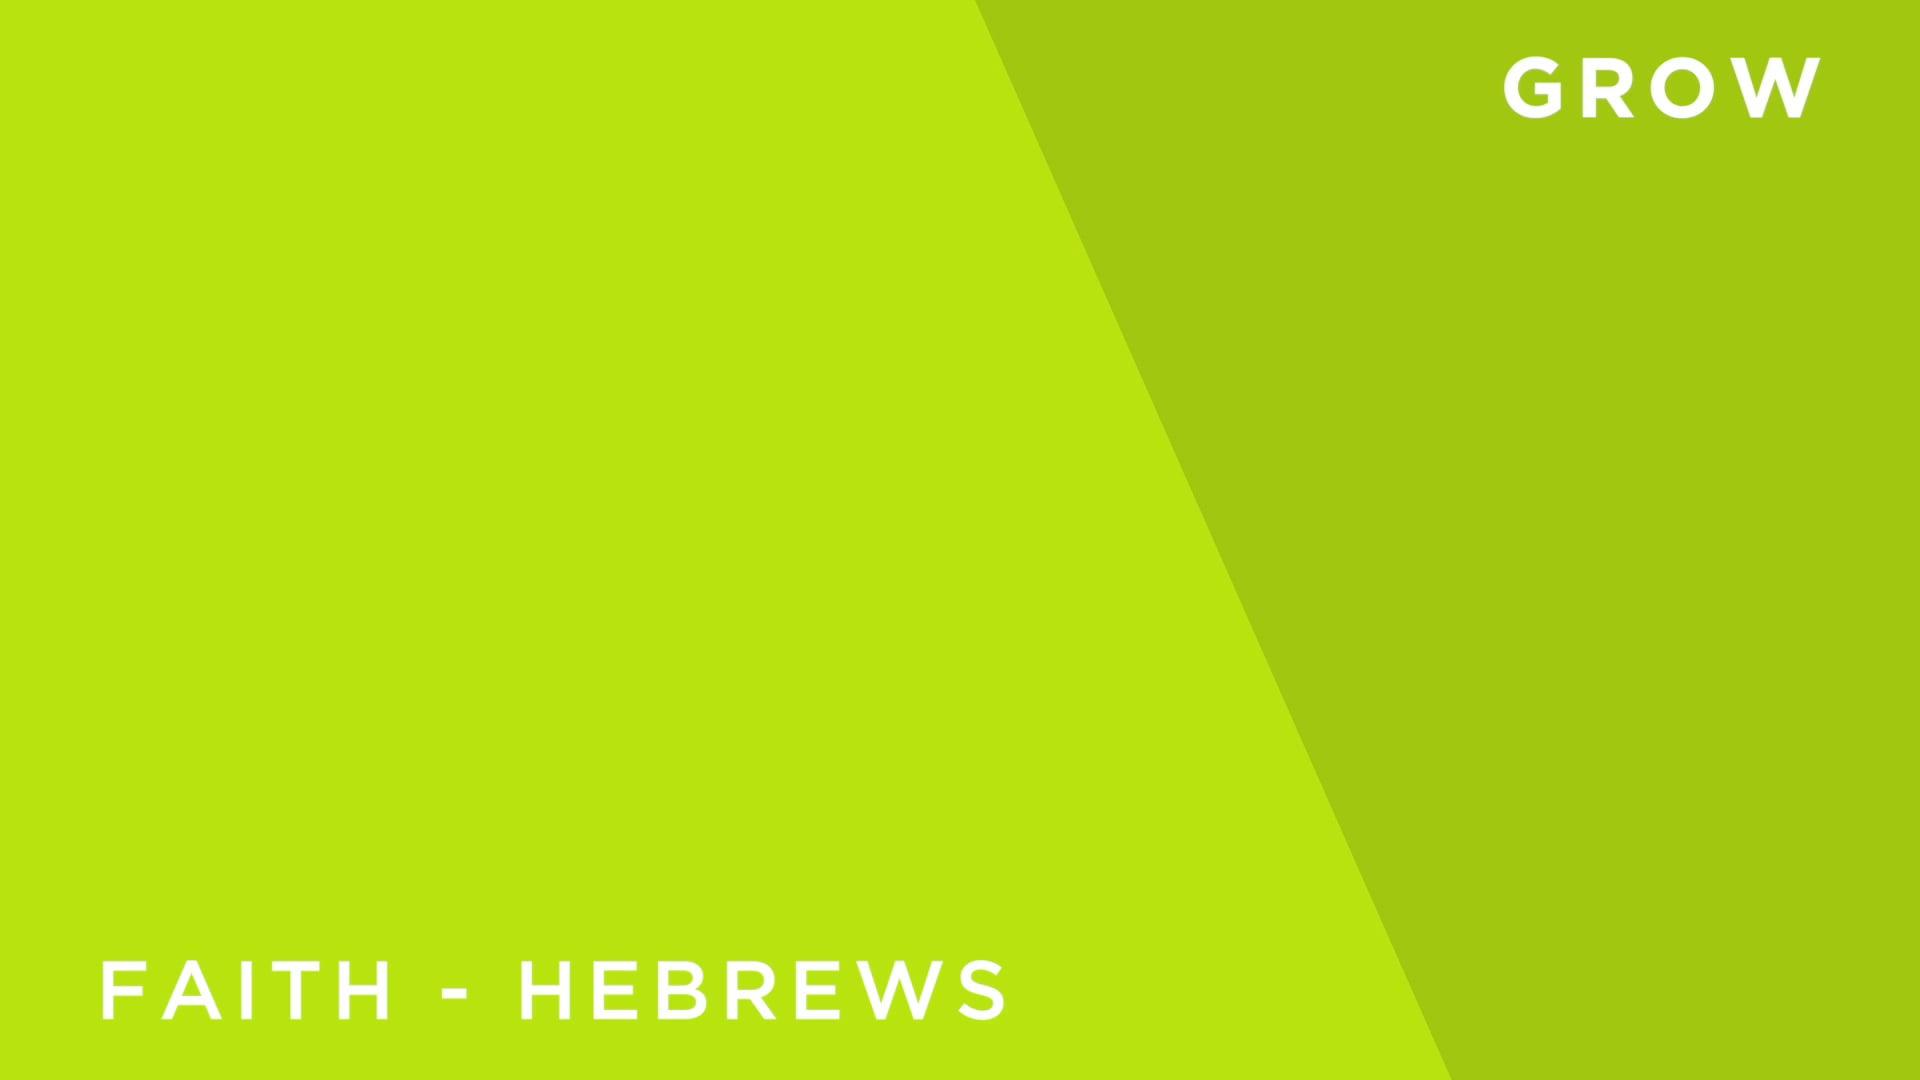 Faith [5] -Hebrews